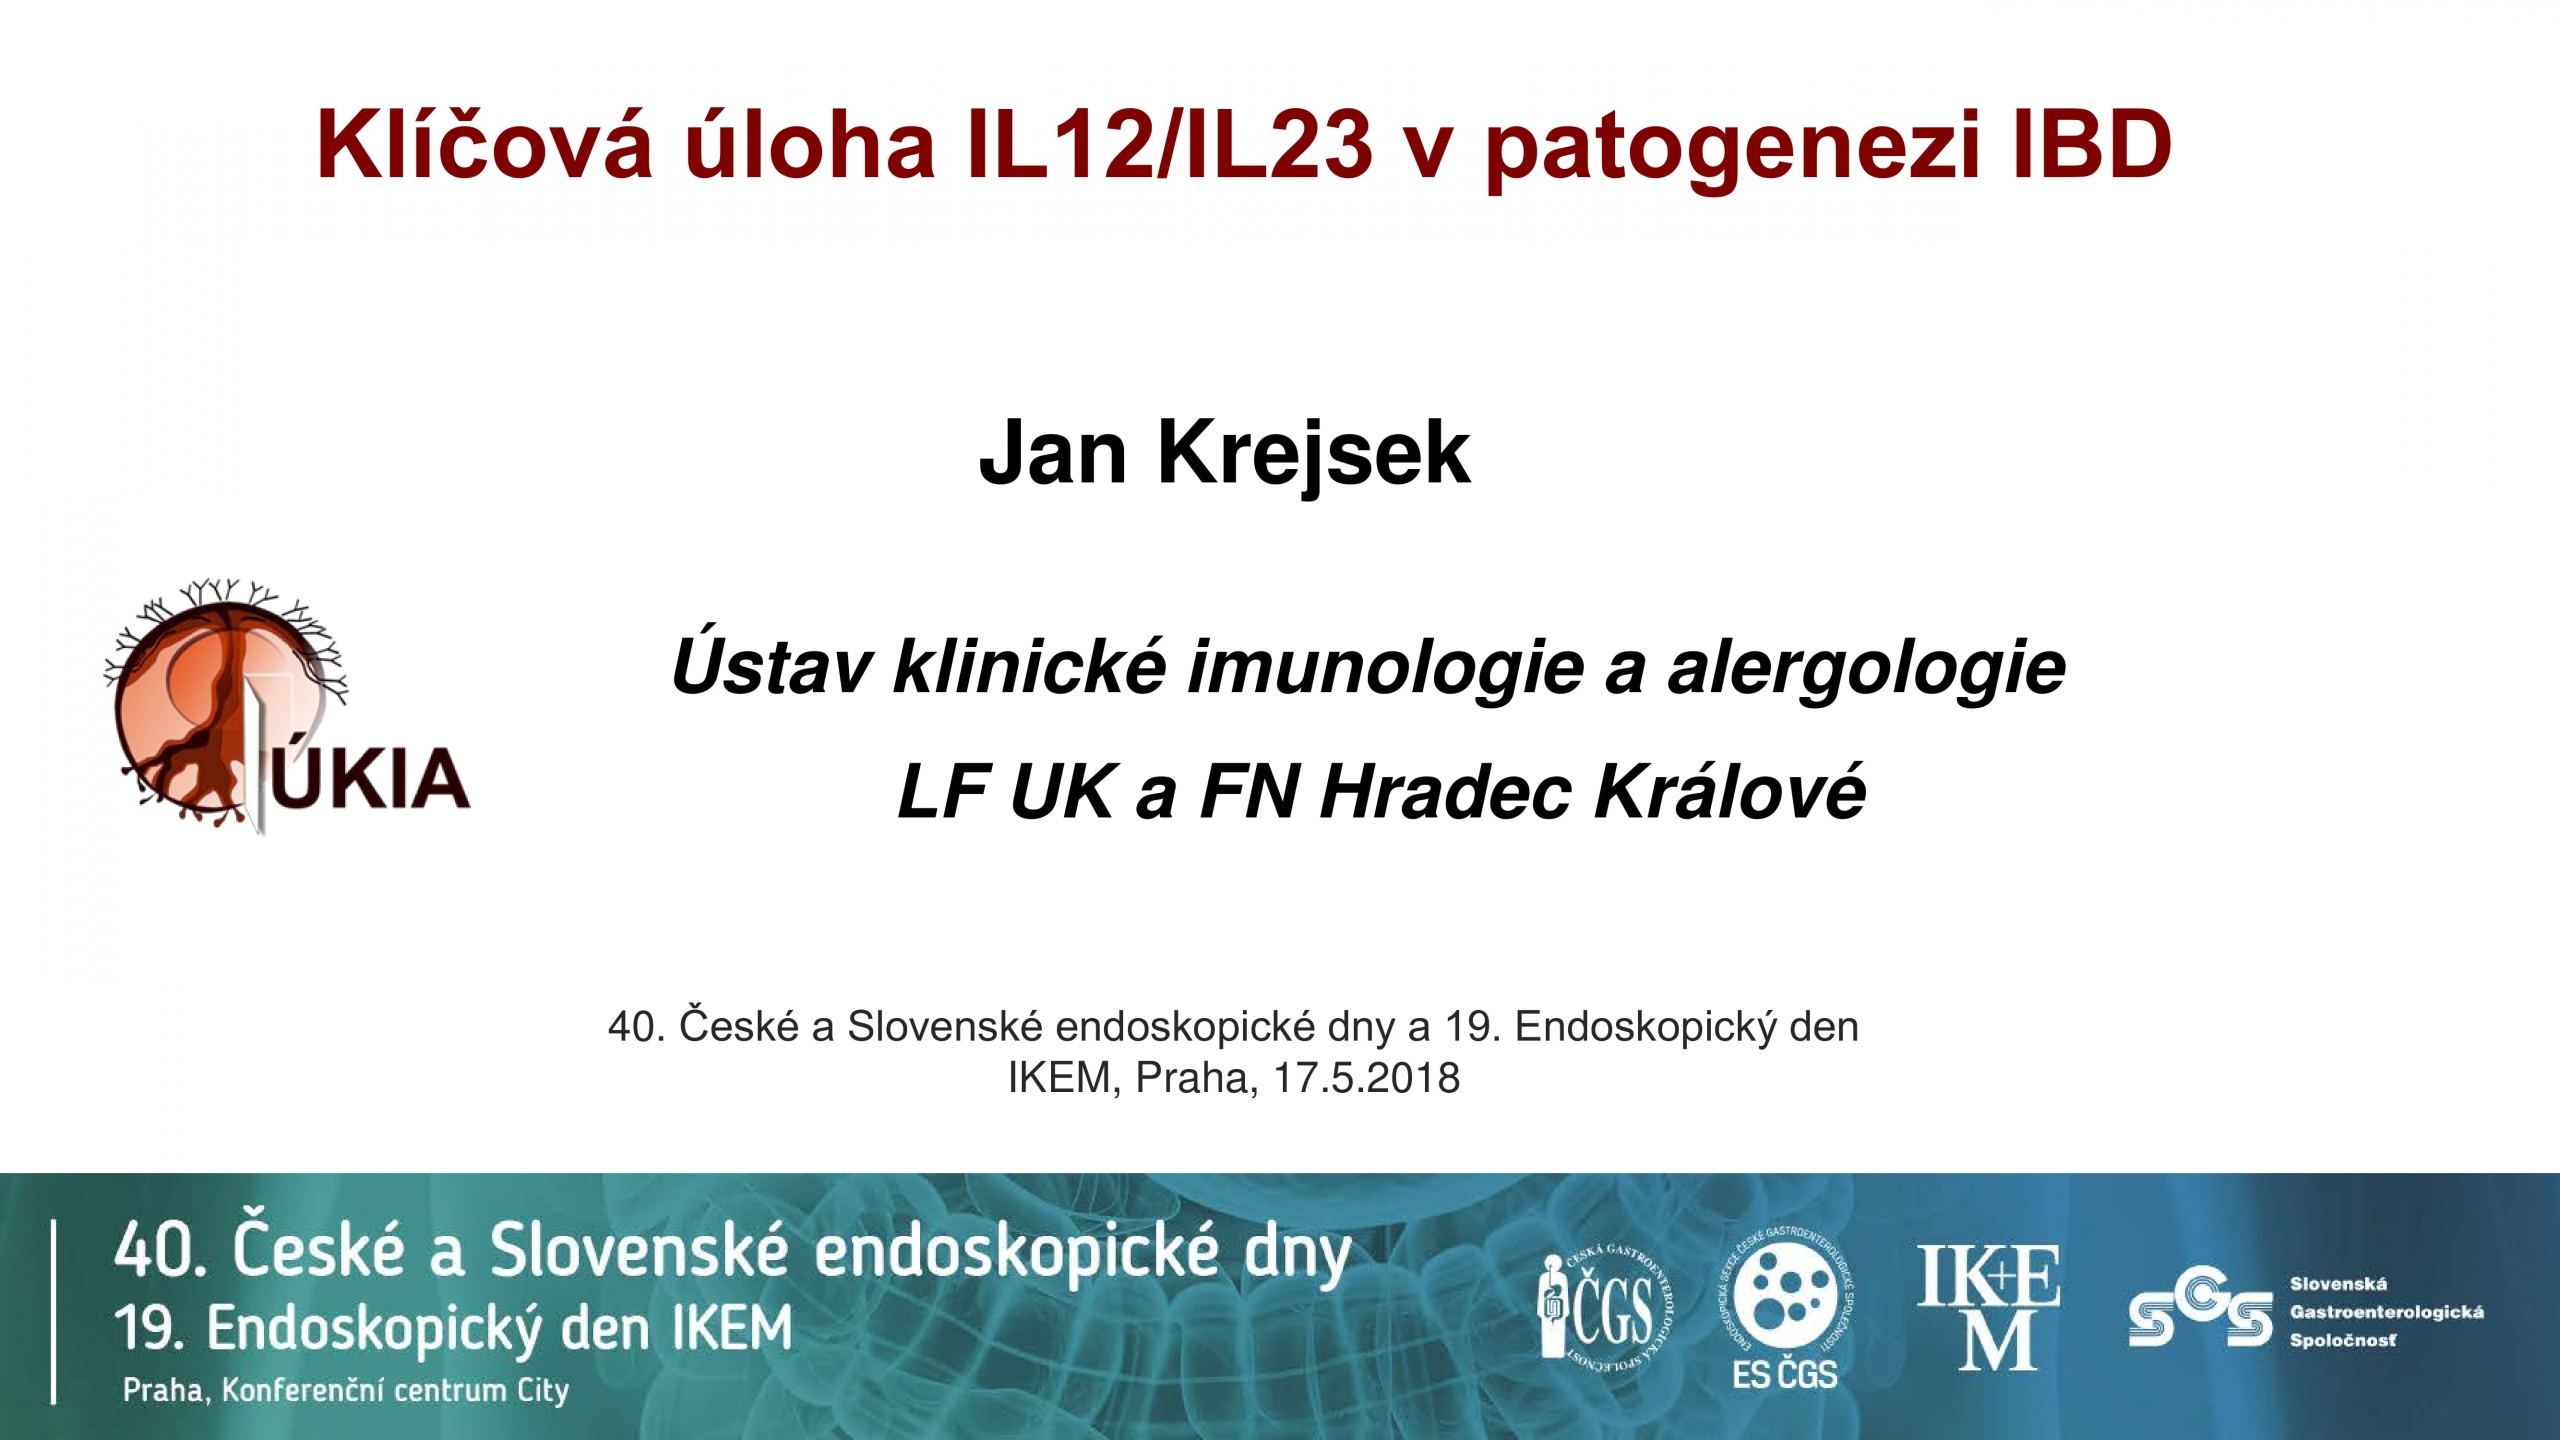 Klíčová úloha IL12/IL23 v patogenezi IBD - 0